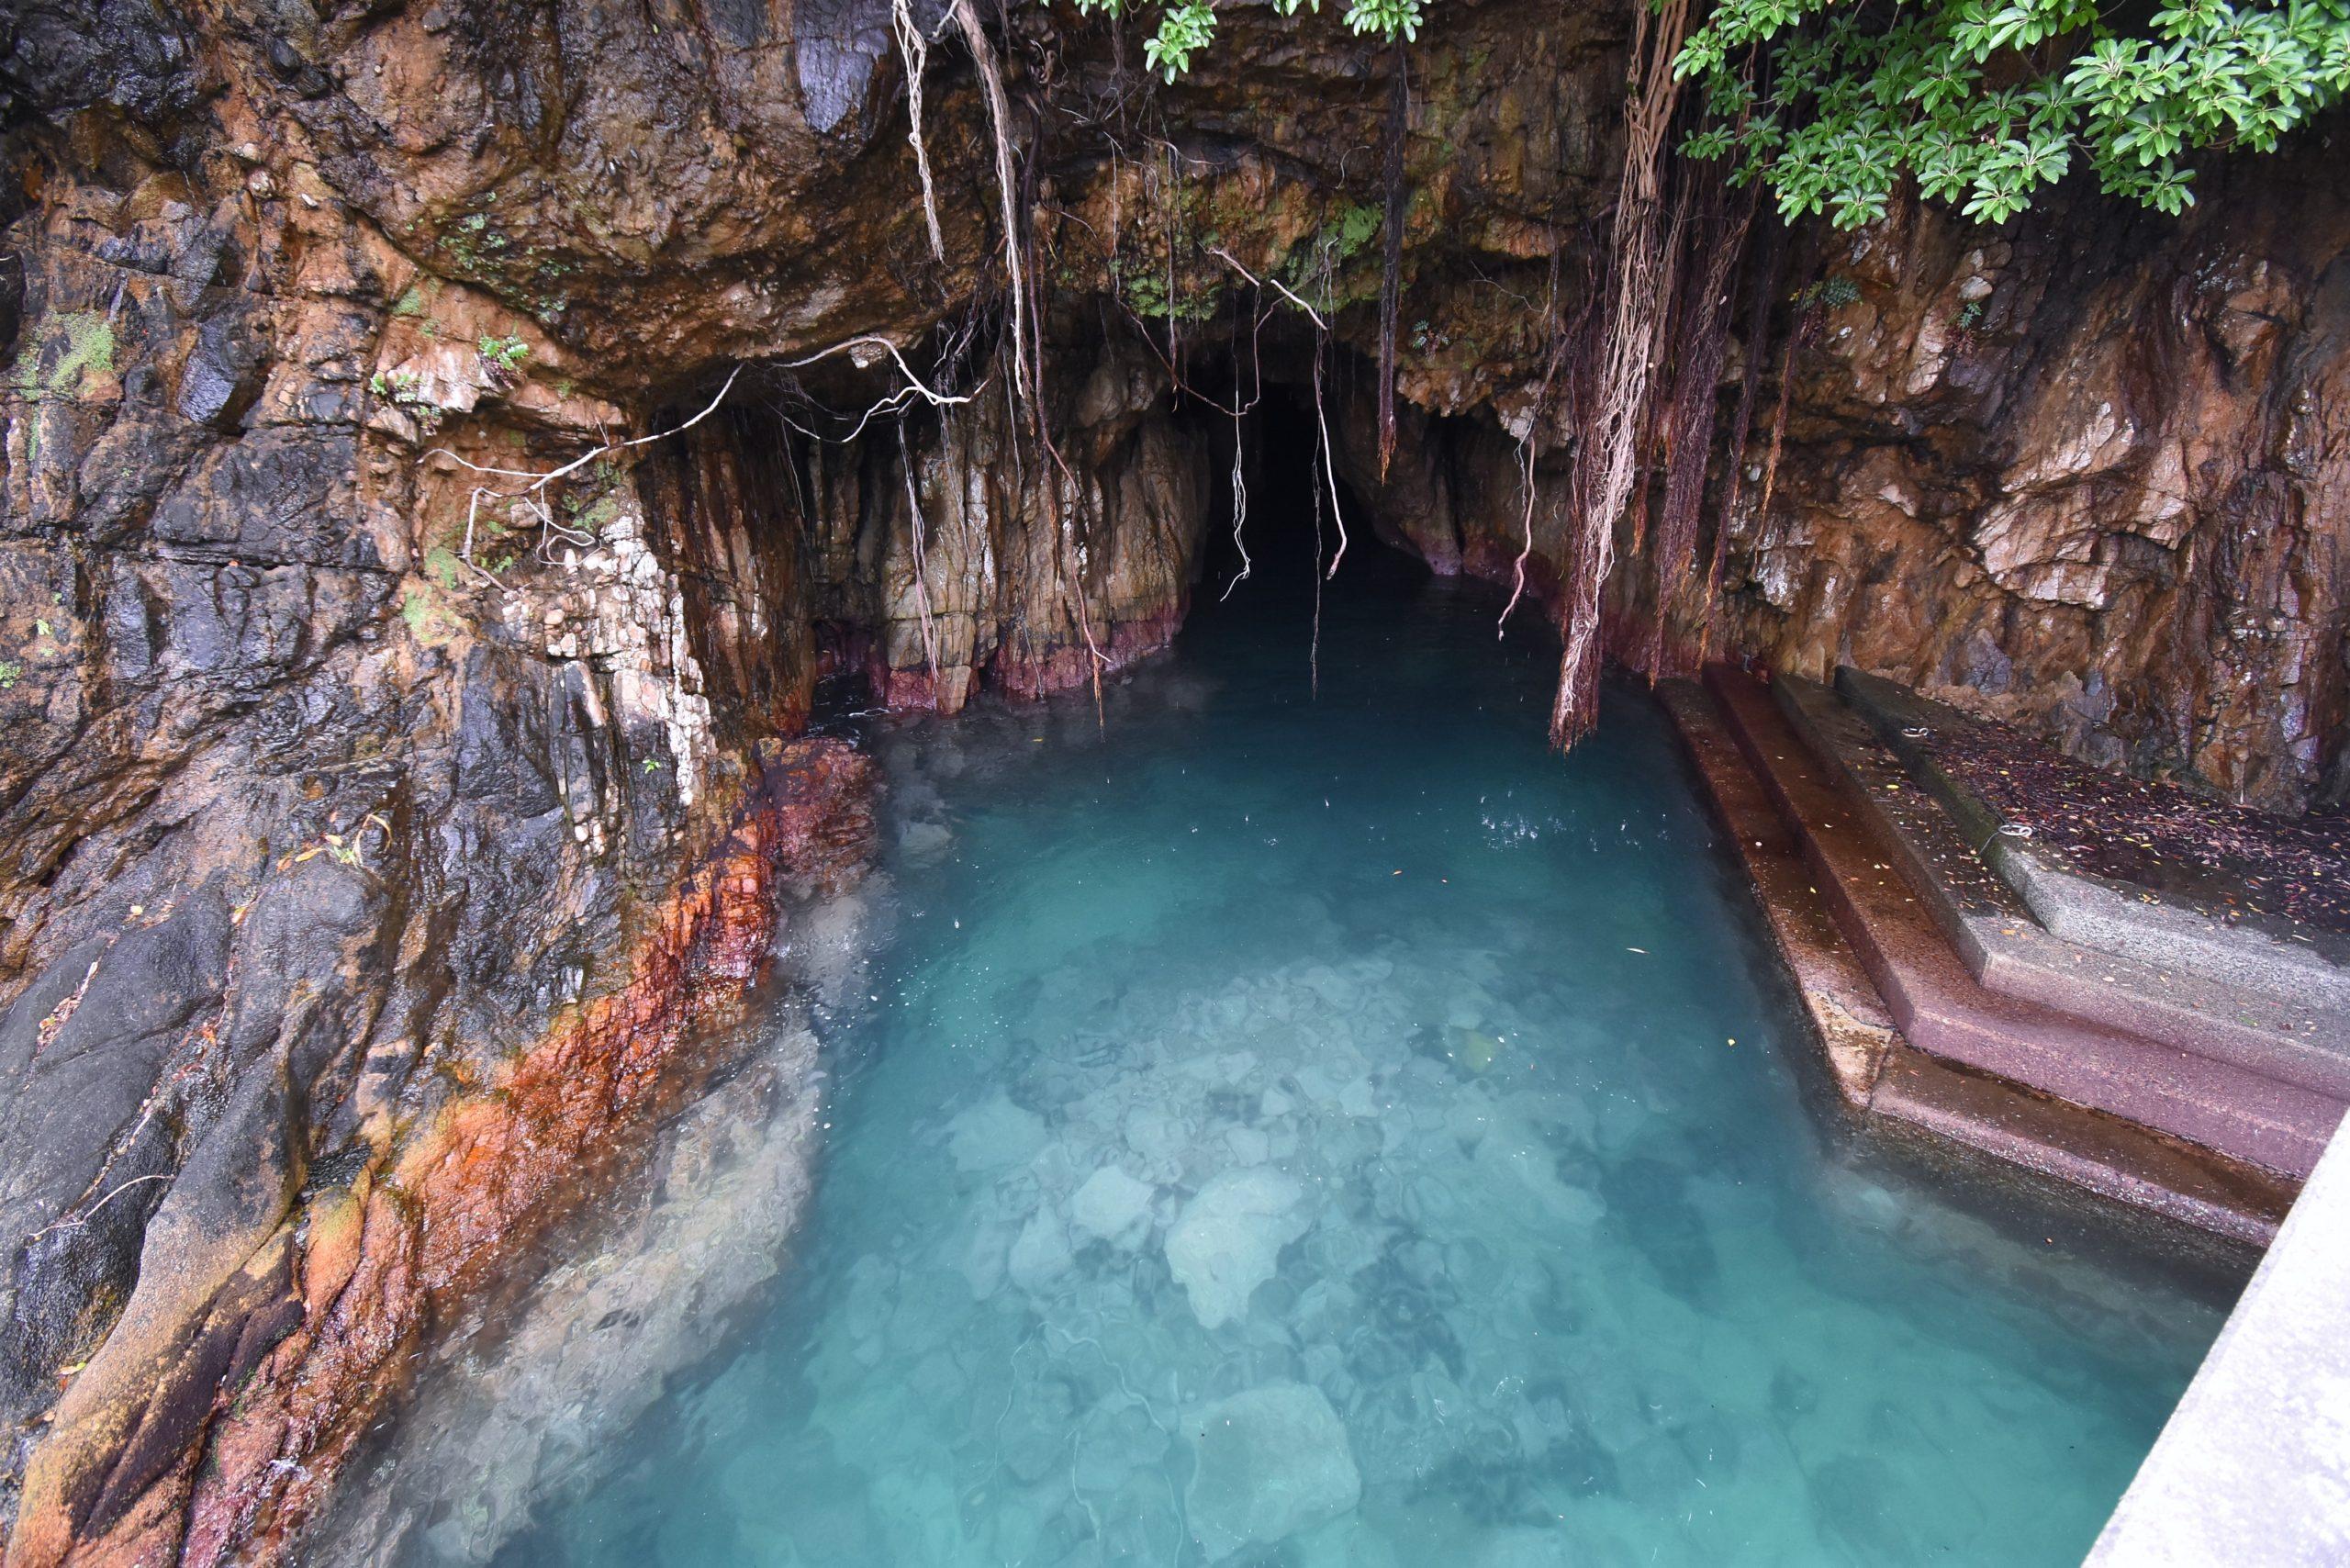 【松尾漁港】絶対行きたい。清水の穴場スポット!神秘なる青の洞窟